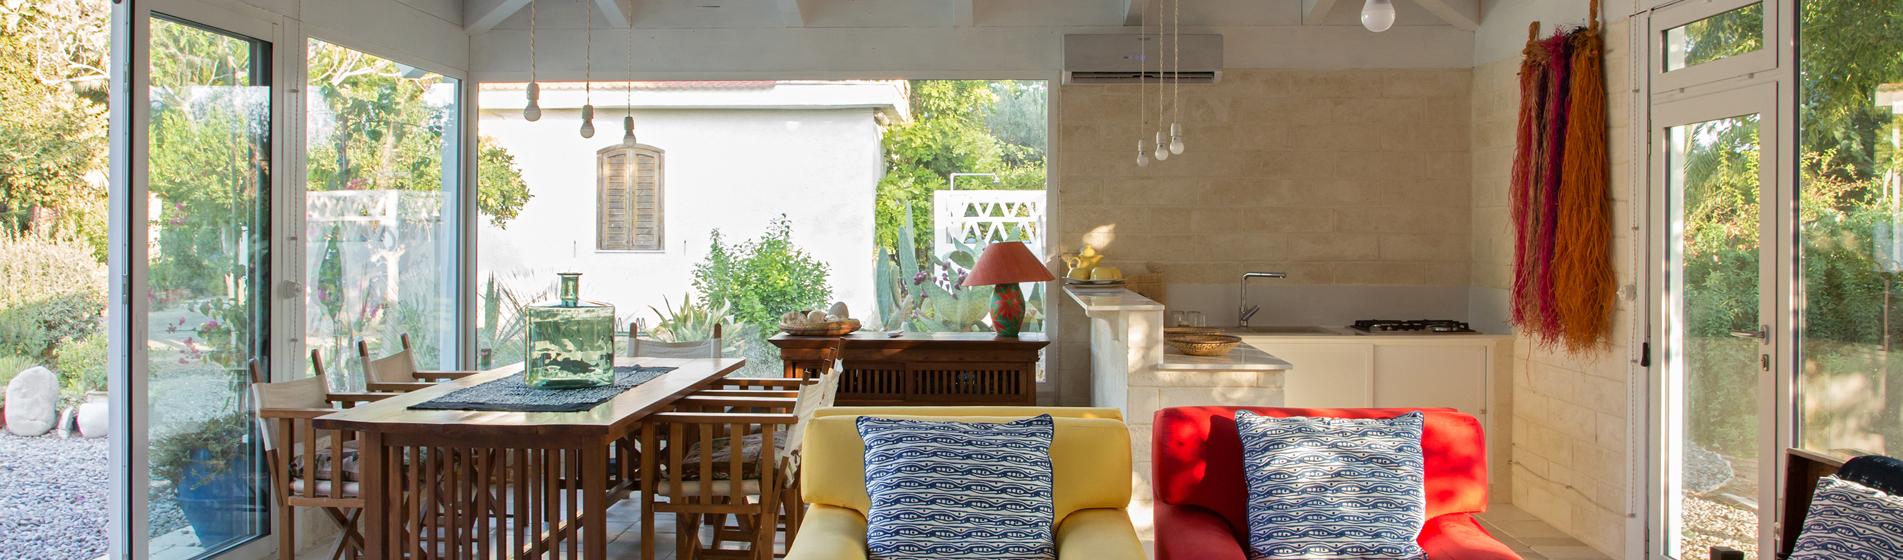 rénovation extension maison sur-mesure 13 Bouches-du-Rhône